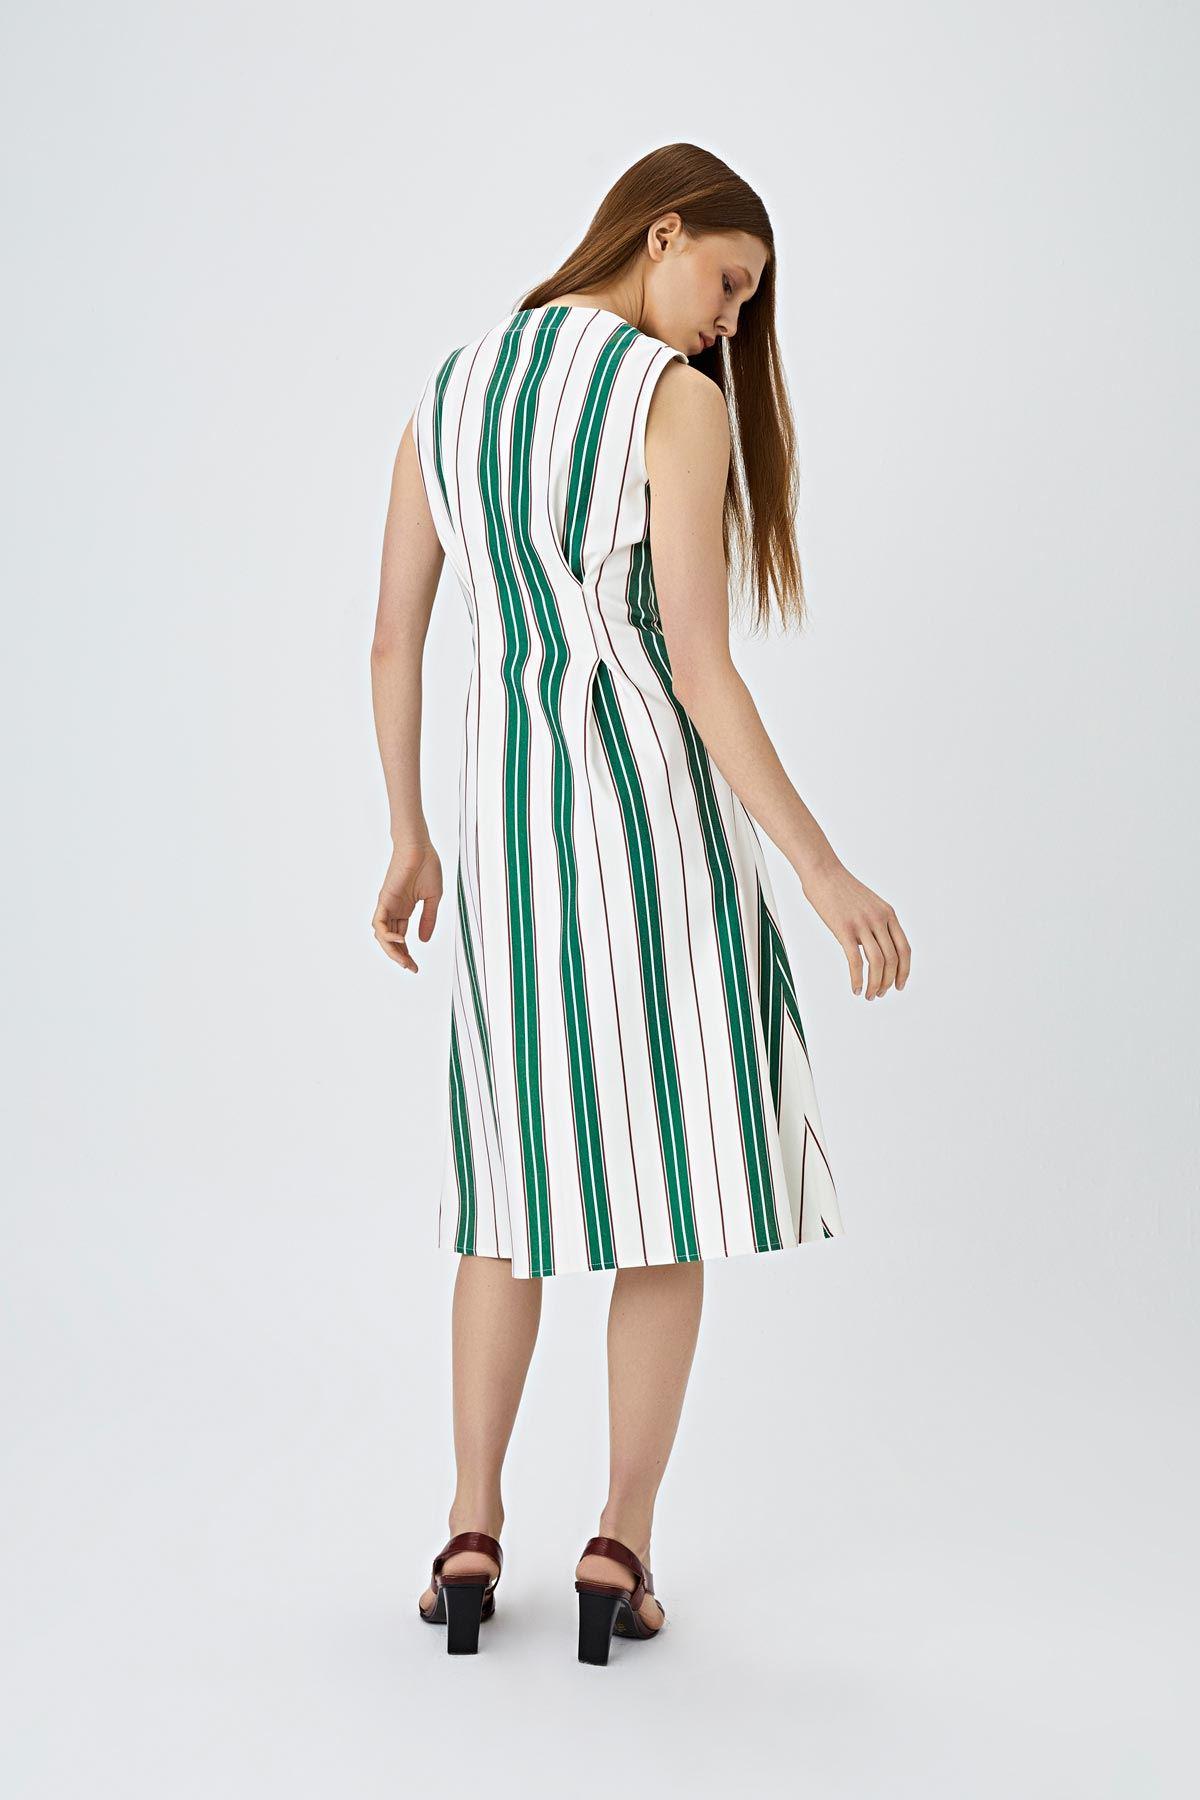 Çizgi desen elbise Yeşil